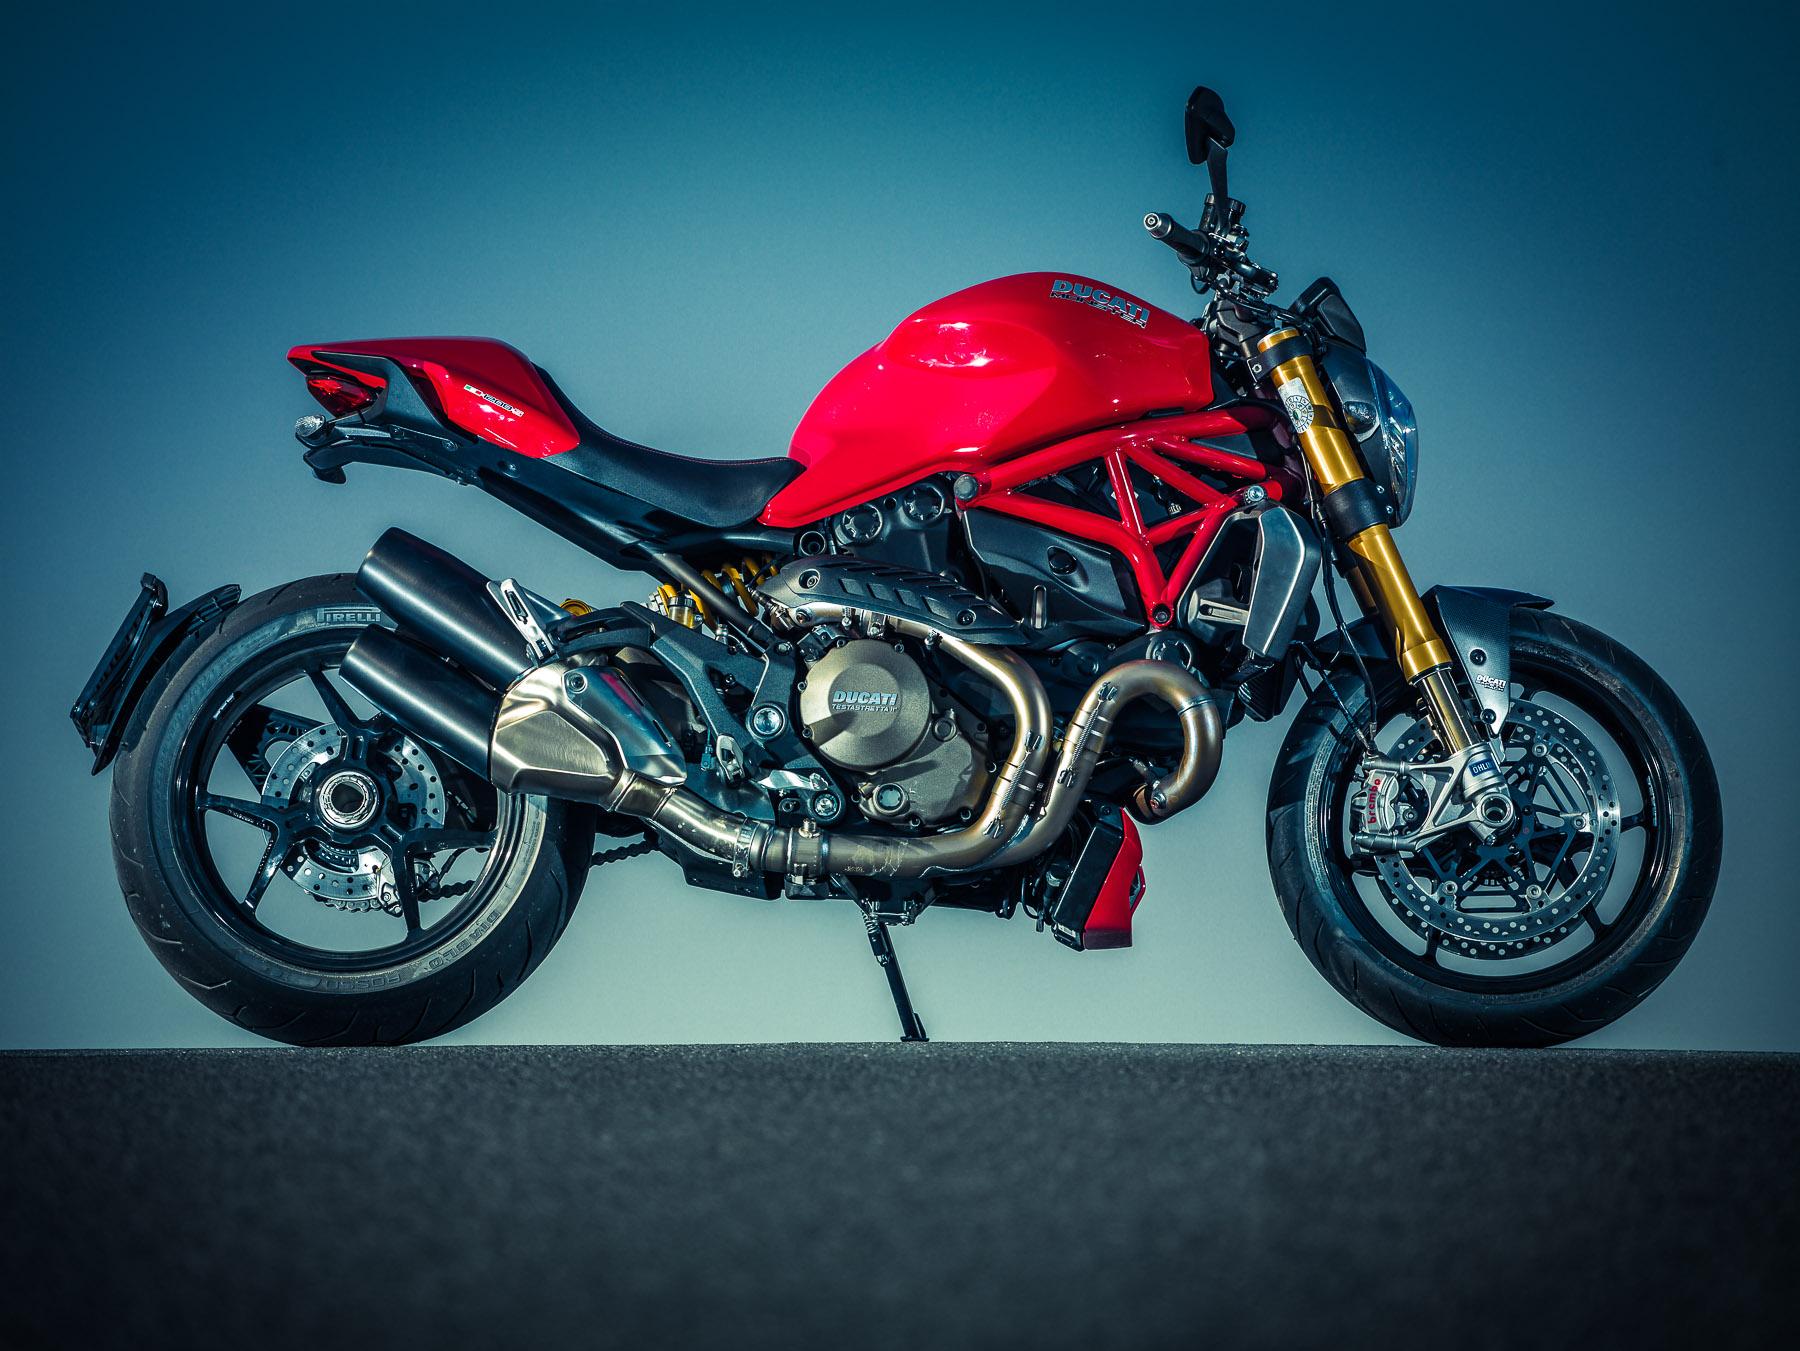 DucatiMonster1200s 18.jpg